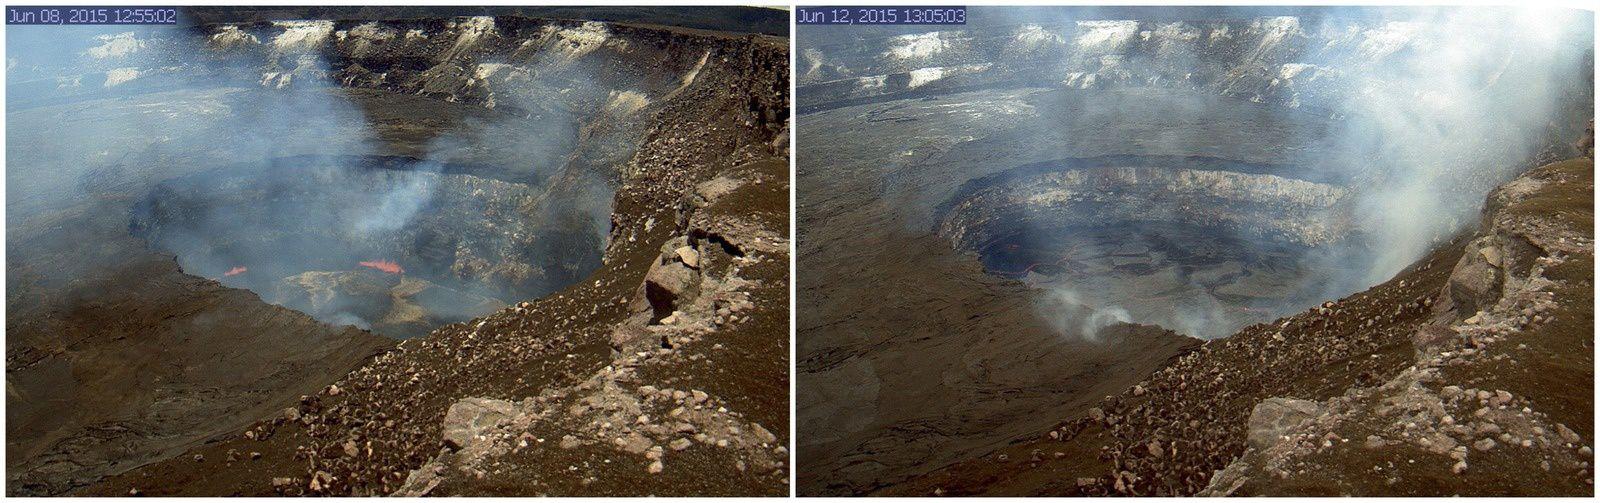 Hawaii / Kilauea - lac de lave de l'Halema'uma'u : Fluctuations du niveau entre le 8 et le 12 juin 2015 - un clic pour agrandir -  photos HVO- USGS